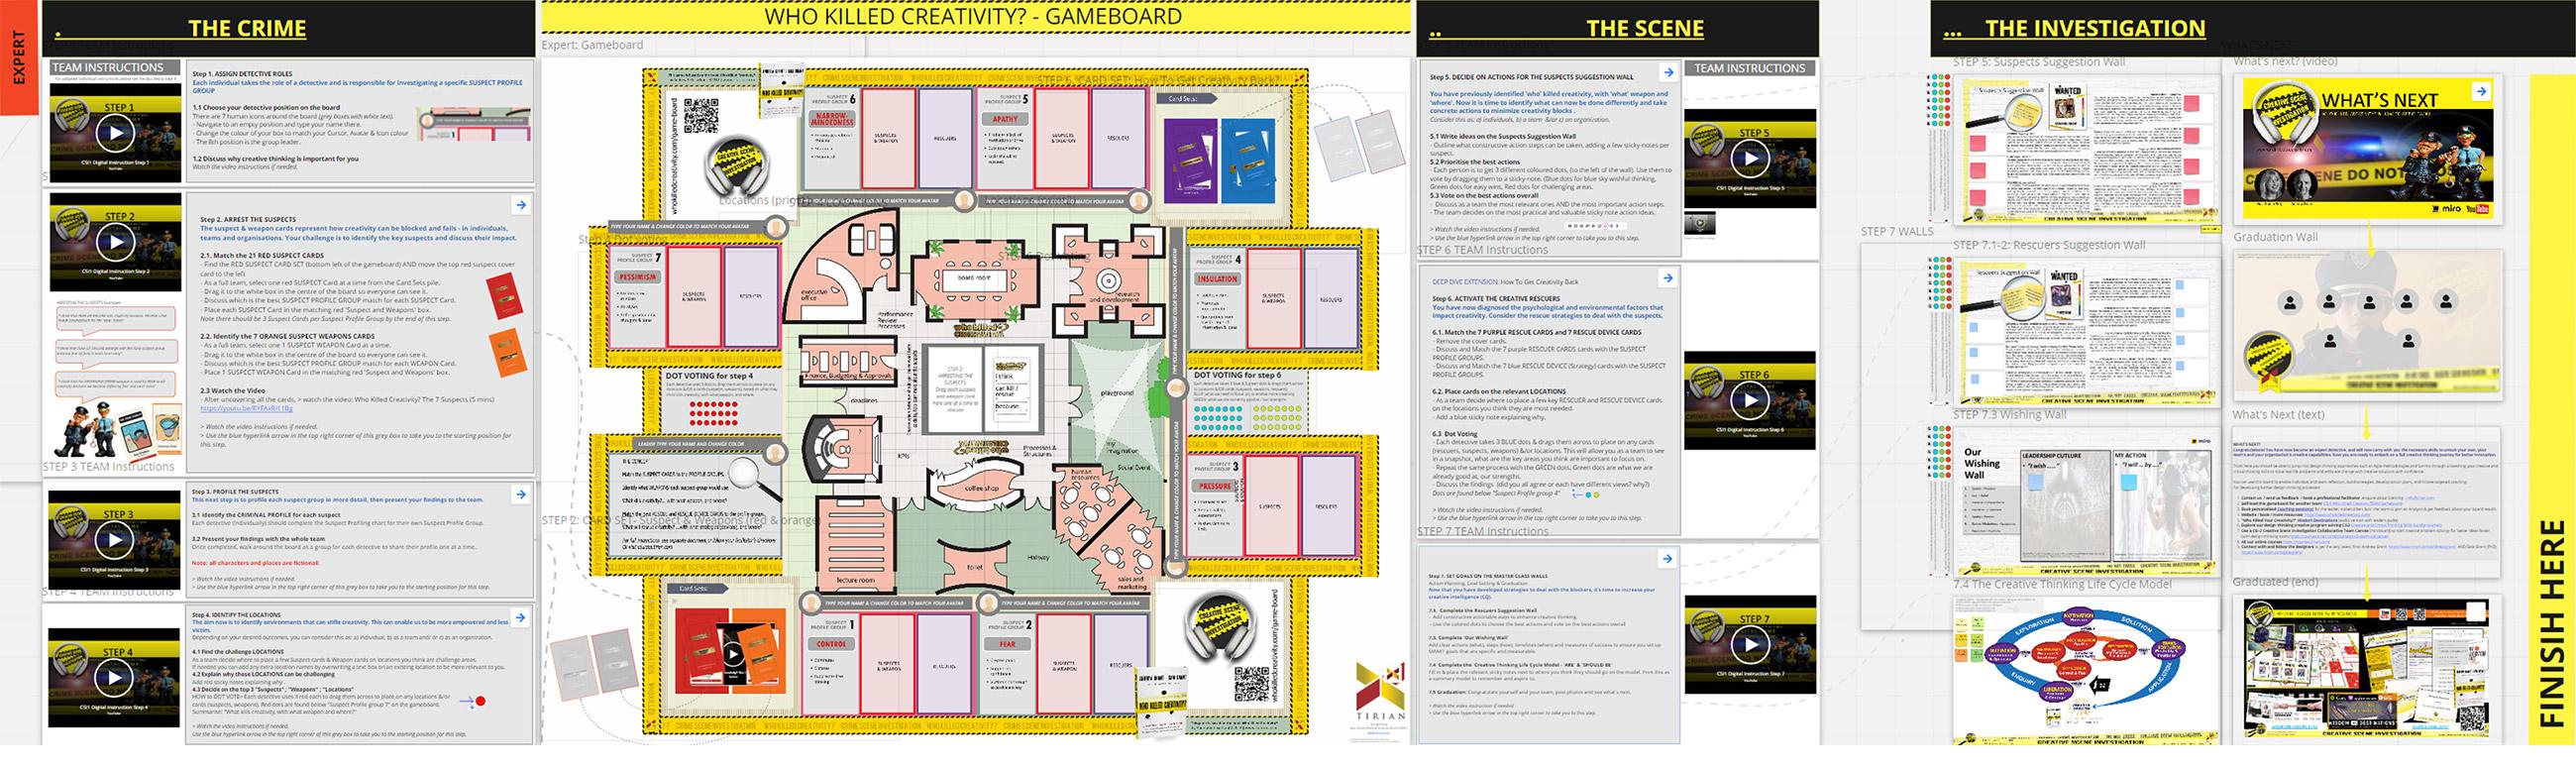 Banner_CSI1_gameboard